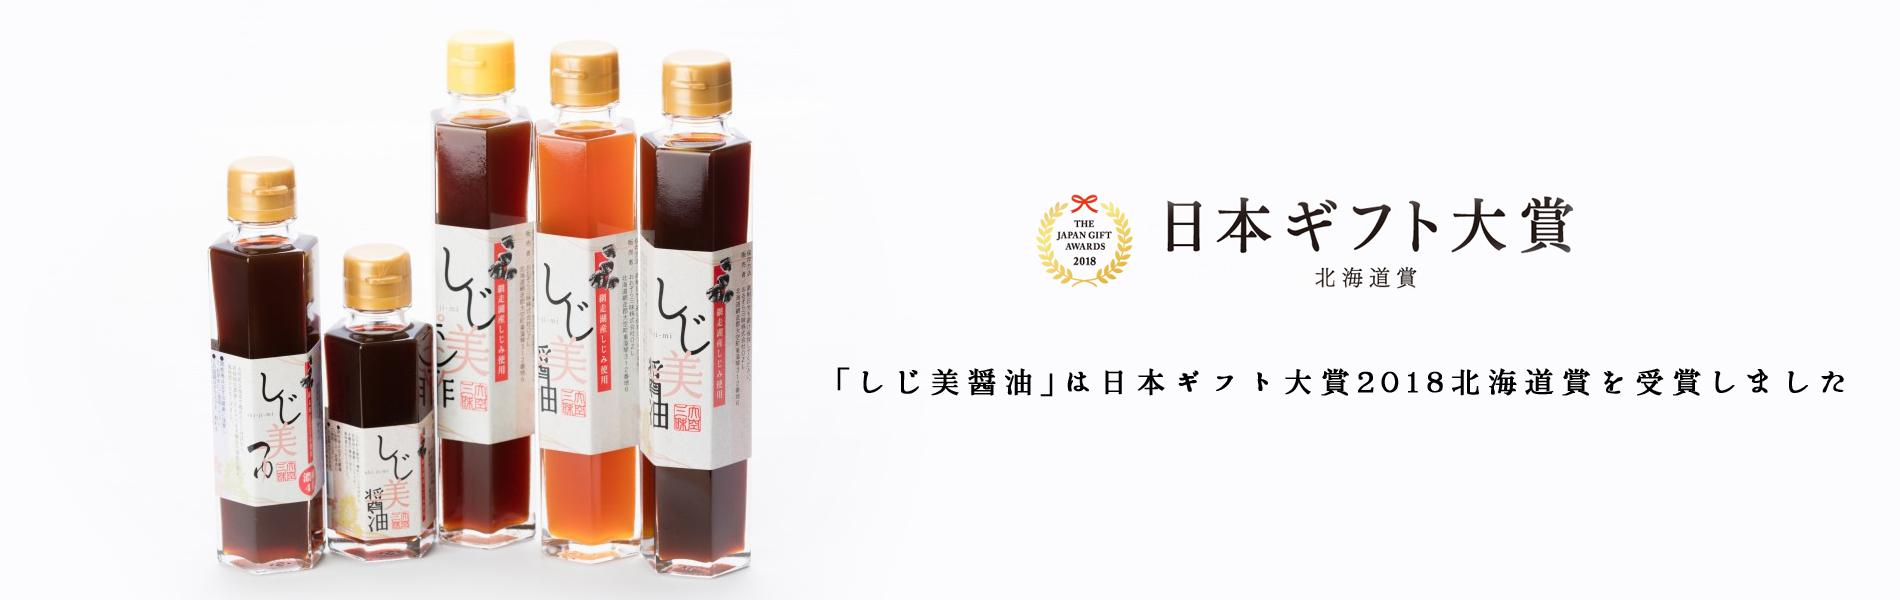 日本ギフト大賞2018北海道賞を受賞しました